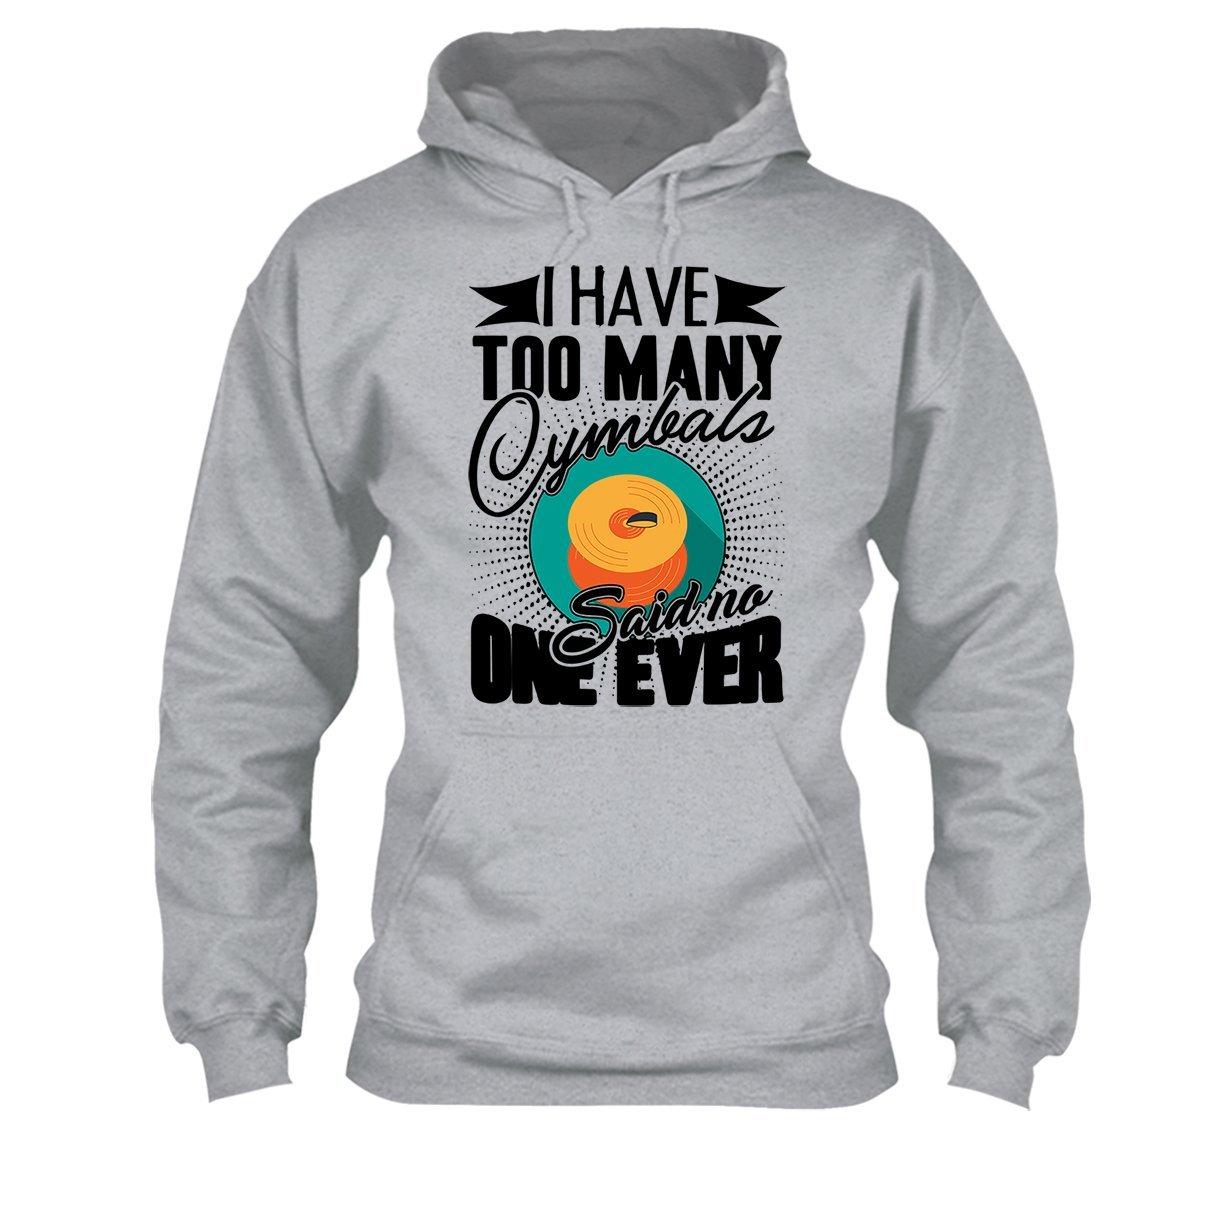 Hoodie Cool Sweatshirt Big Grey I Have Too Many Cymbals Tee Shirt